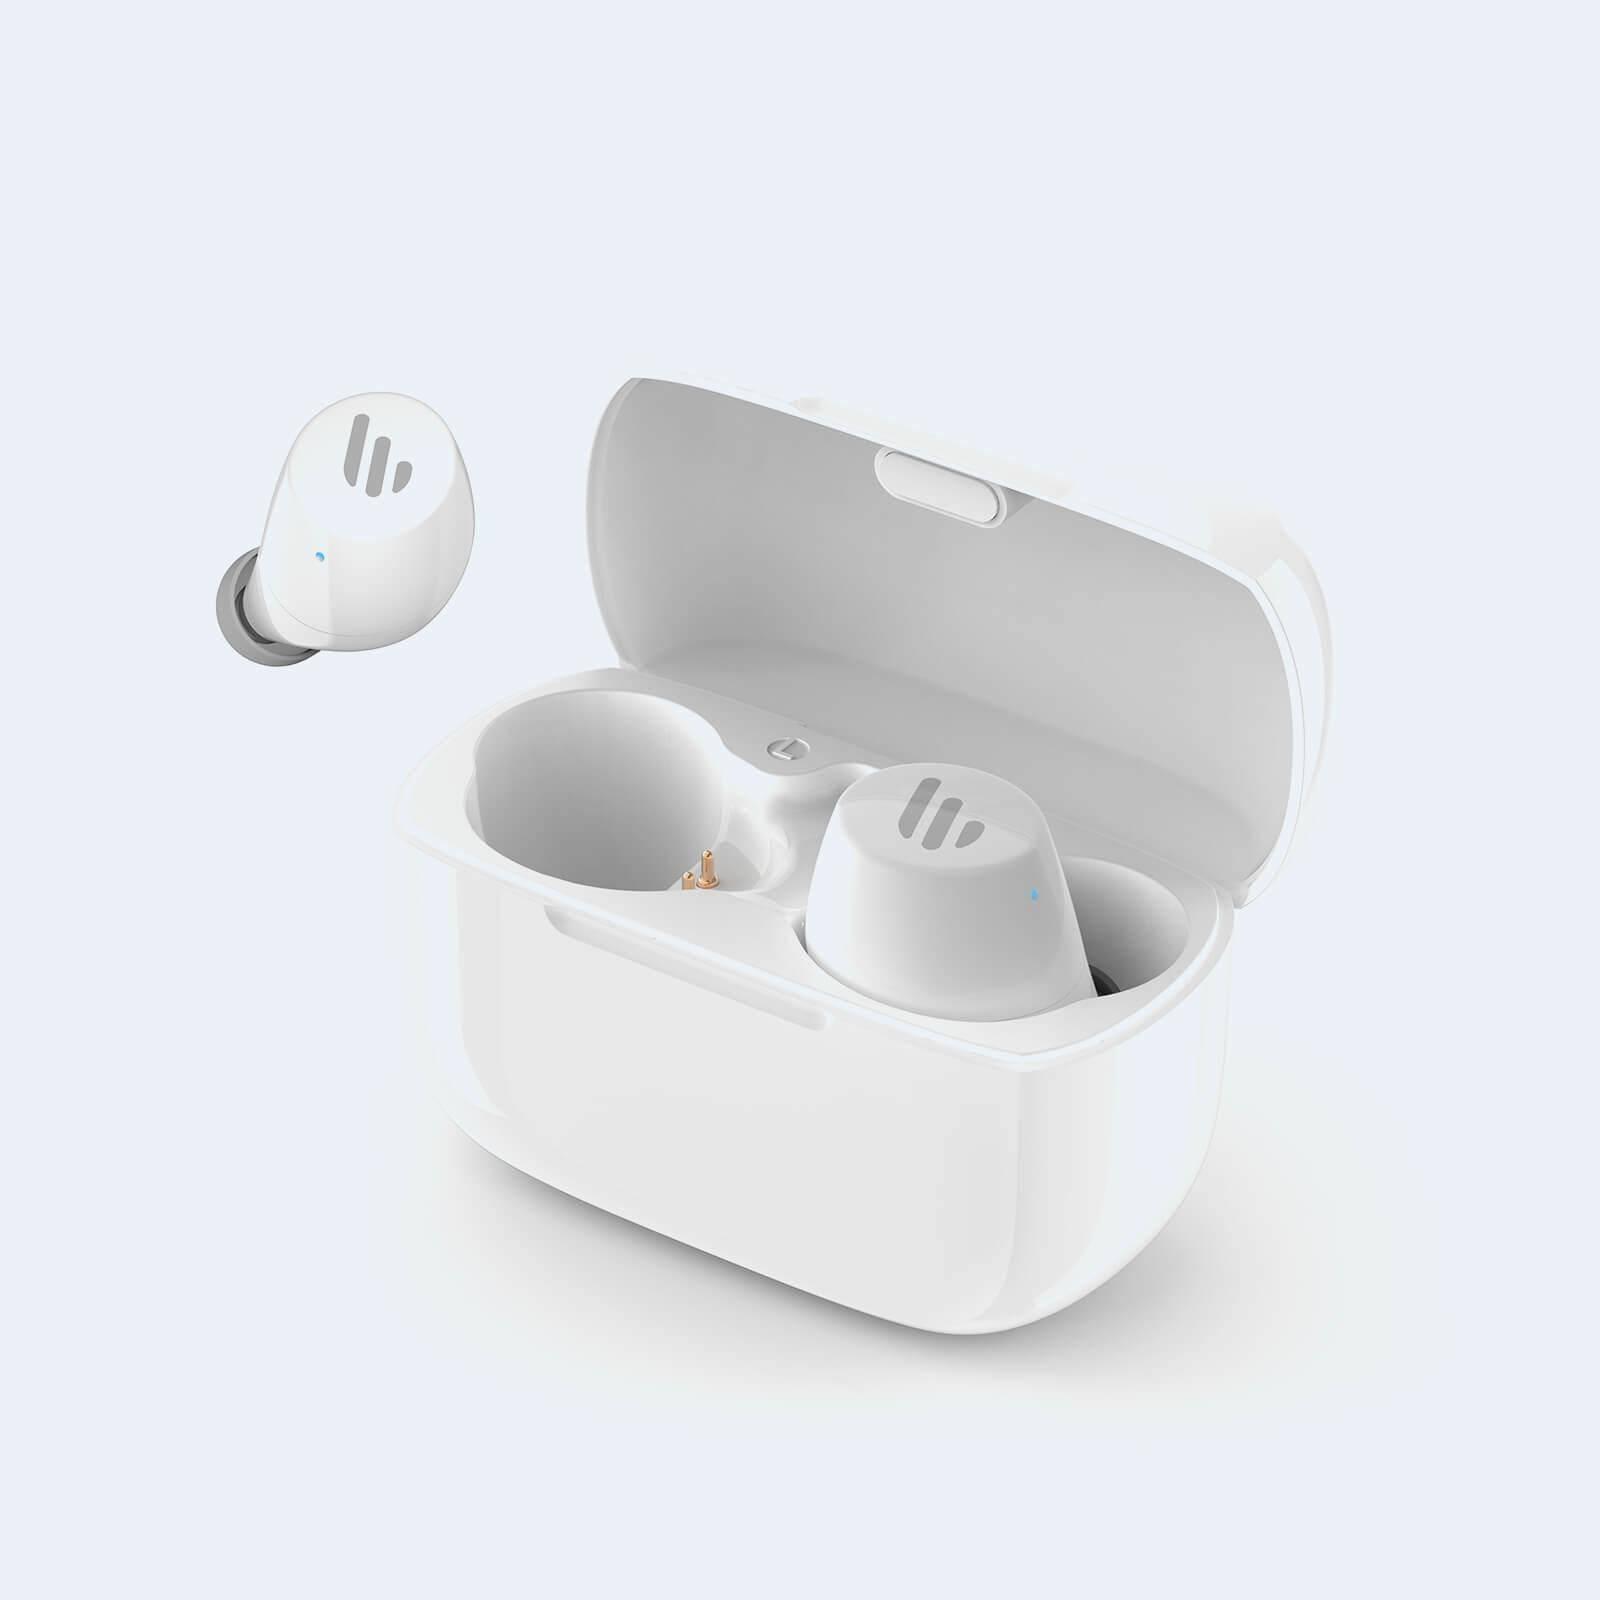 Edifier TWS1 Truly Wireless Waterproof Earbuds zoom image